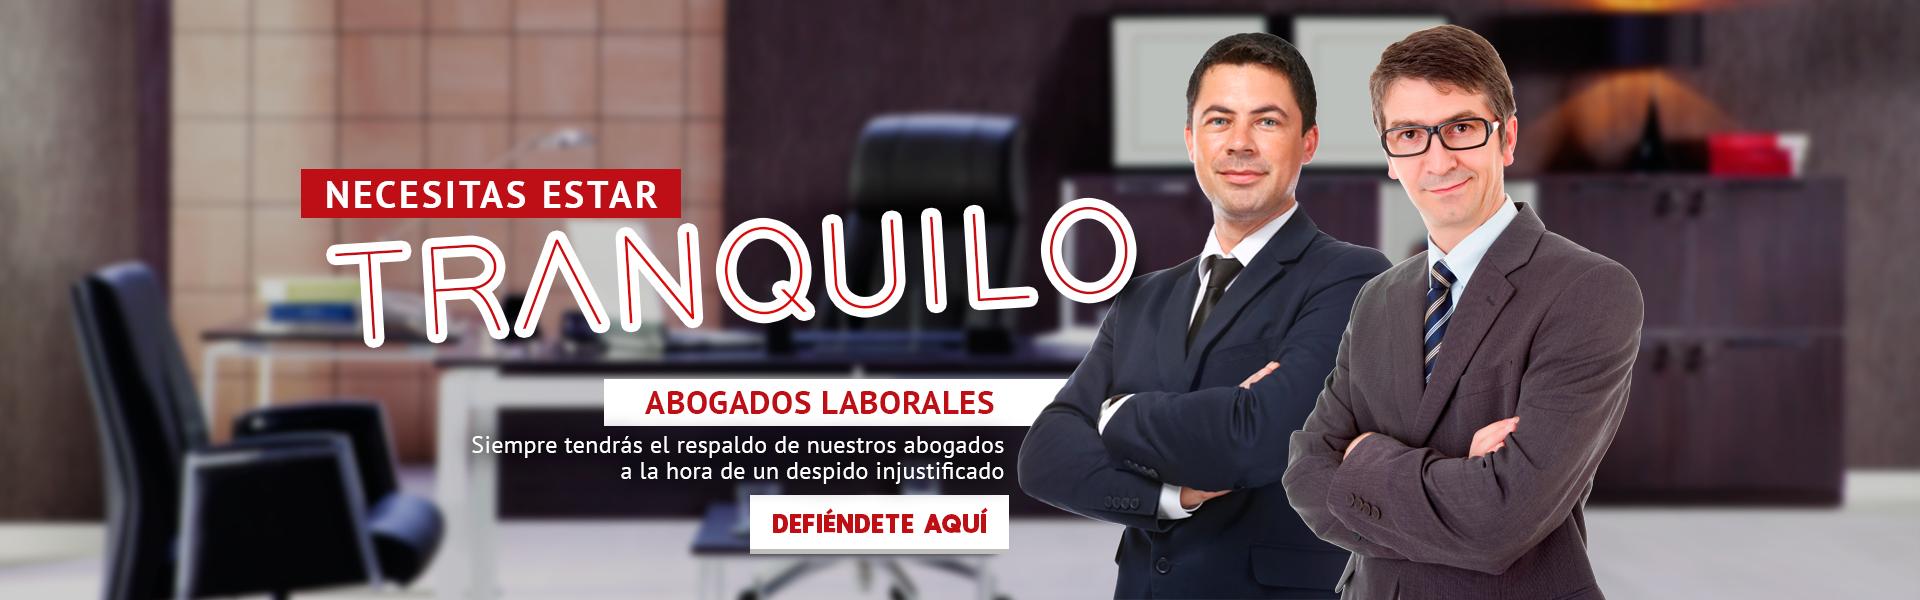 defensa-del-trabajo-4-abogados-laborales